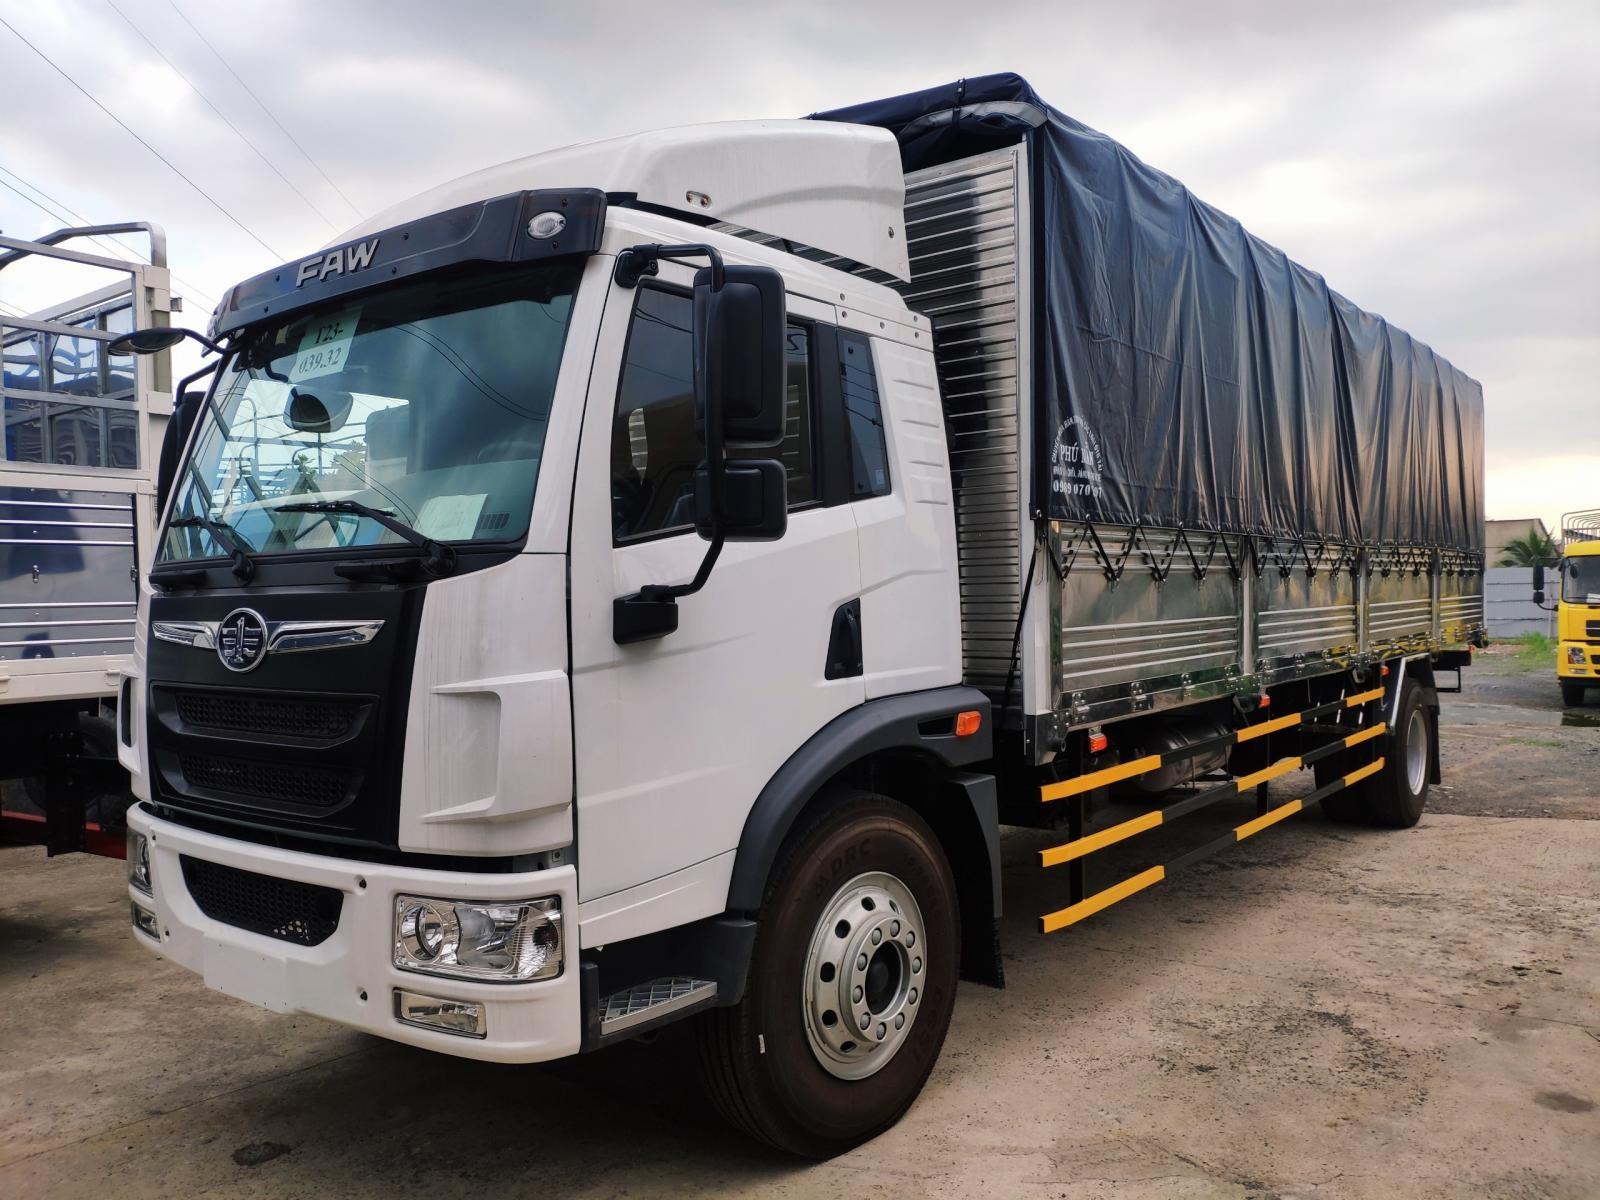 Xe tải Faw 8.2 tấn thùng dài 8.3 mét chở Pallet, hàng cồng kềnh, giá rẻ Bình Dương